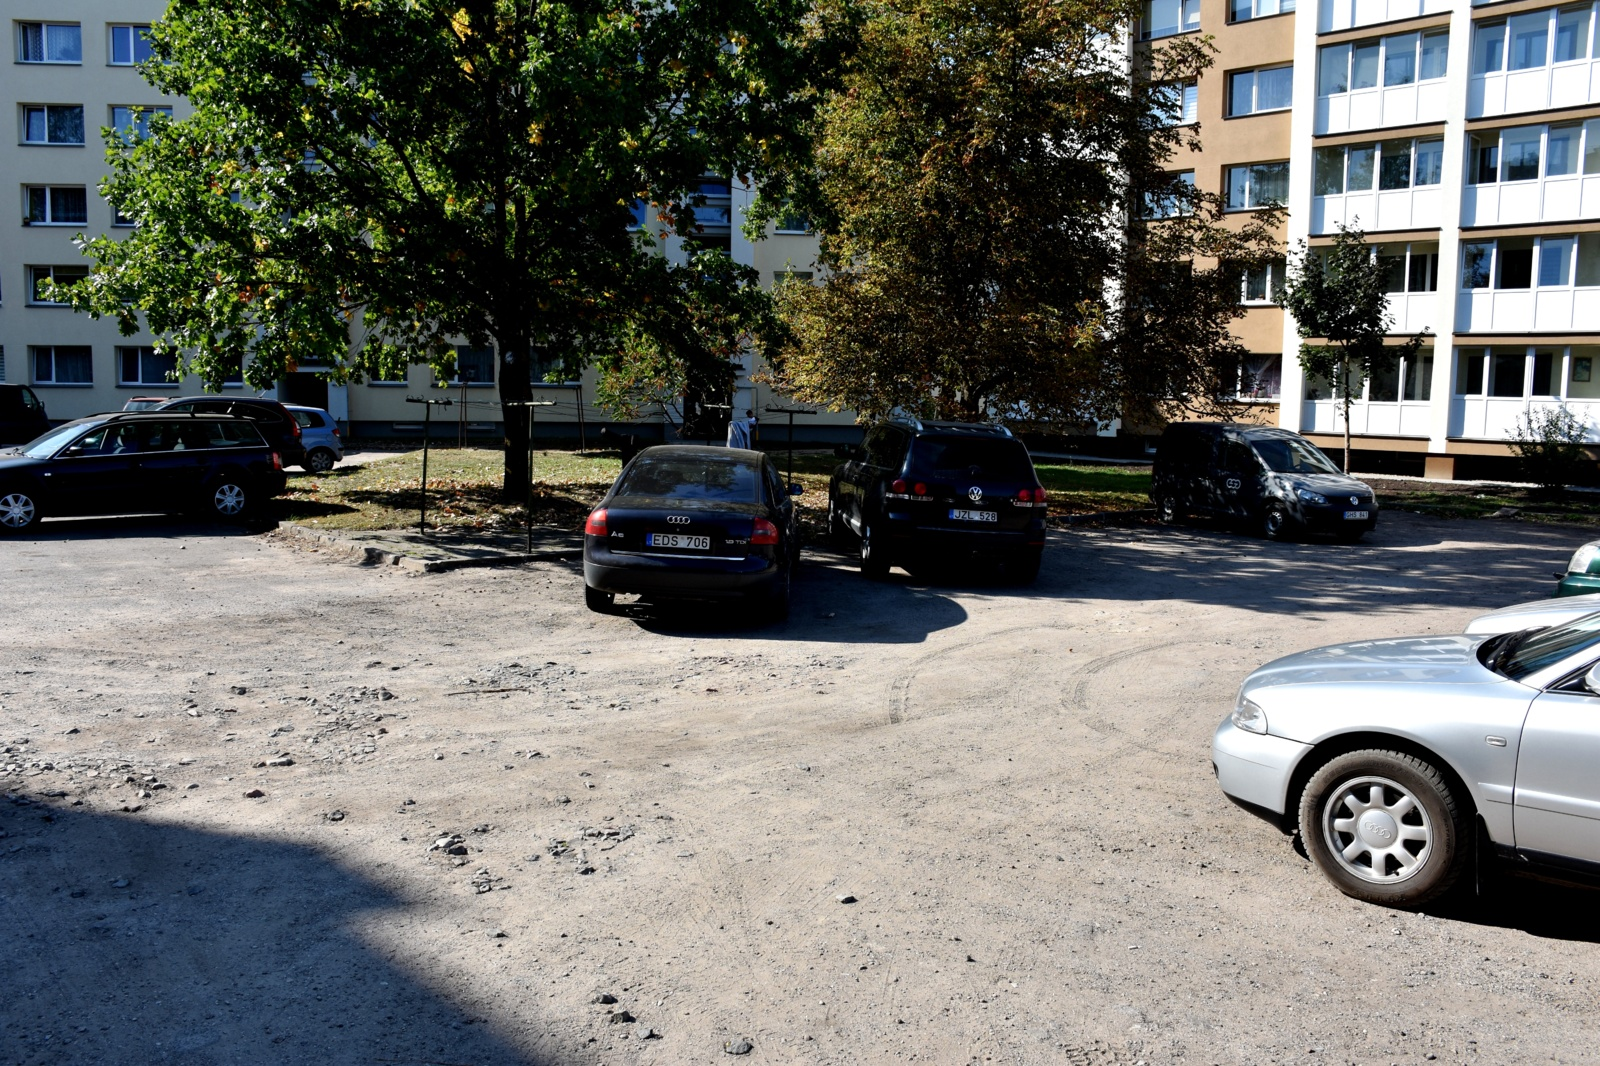 Bus sutvarkytos Varėnos miesto teritorijos prie daugiabučių gyvenamųjų namų